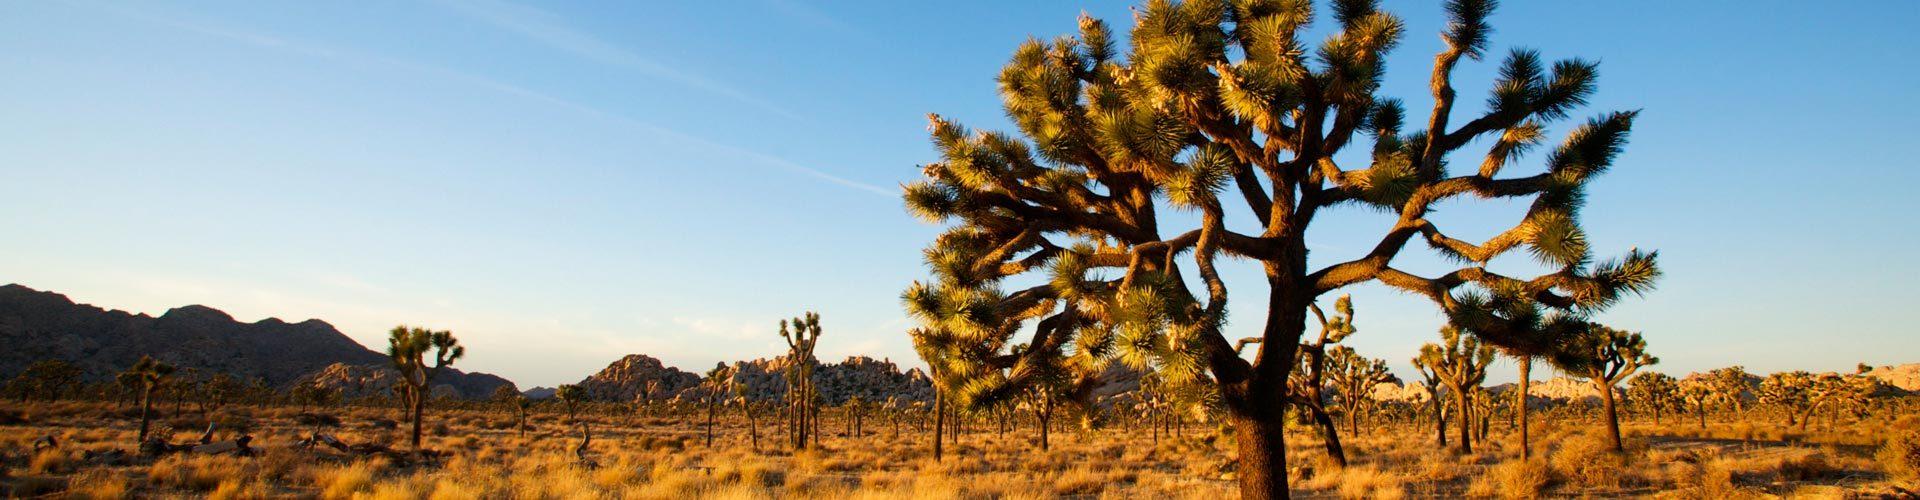 Joshuabäume im Joshua Tree Nationalpark, Kalifornien